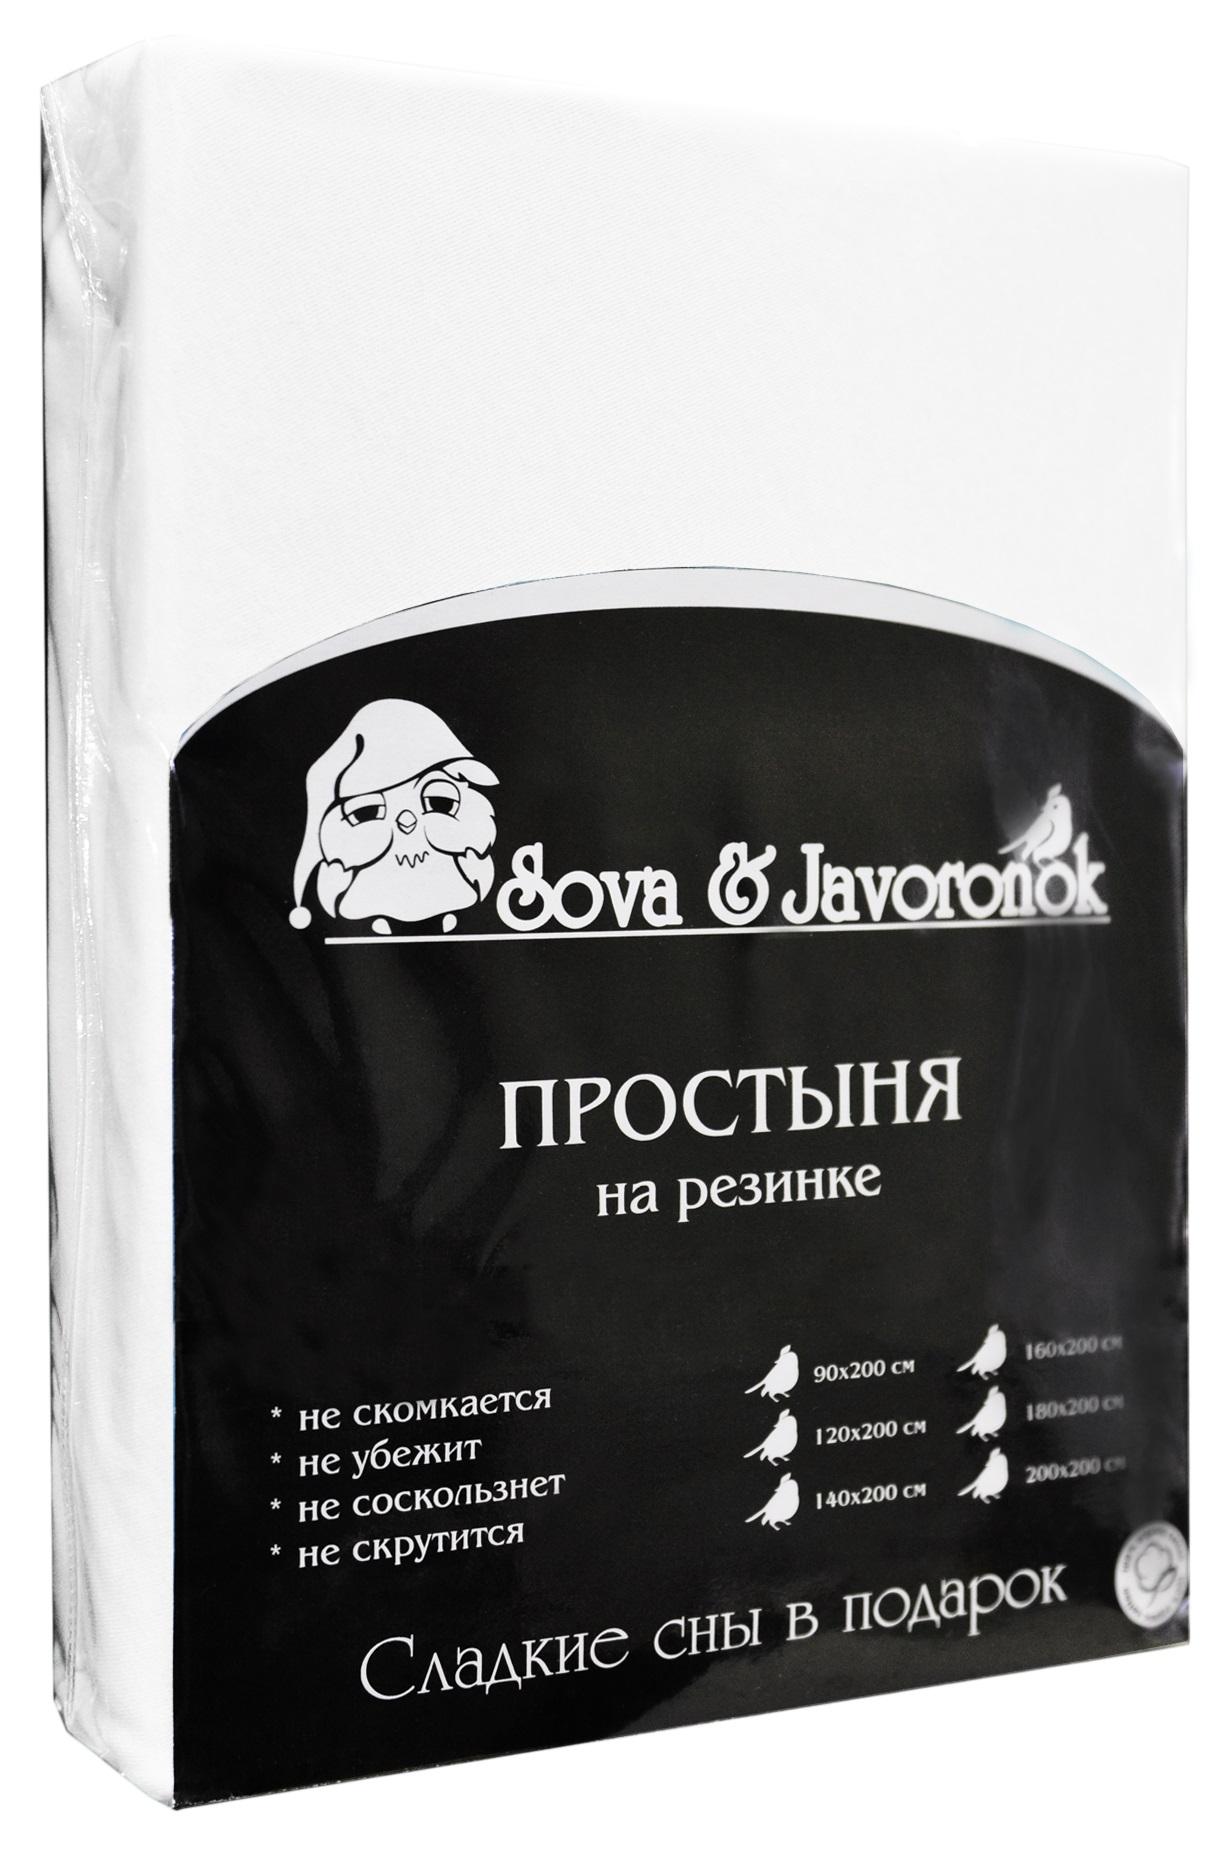 Простыня на резинке Sova & Javoronok, цвет: белый, 90 х 200 см531-105Простыня на резинке Sova & Javoronok, изготовленная из трикотажной ткани (100% хлопок), будет превосходно смотреться с любыми комплектами белья. Хлопчатобумажный трикотаж по праву считается одним из самых качественных, прочных и при этом приятных на ощупь. Его гигиеничность позволяет использовать простыню и в детских комнатах, к тому же 100%-ый хлопок в составе ткани не вызовет аллергии. У трикотажного полотна очень интересная структура, немного рыхлая за счет отсутствия плотного переплетения нитей и наличия особых петель, благодаря этому простыня Сова и Жаворонок отлично пропускает воздух и способствует его постоянной циркуляции. Поэтому ваша постель будет всегда оставаться свежей. Но главное и, пожалуй, самое известное свойство трикотажа - это его великолепная растяжимость, поэтому эта ткань и была выбрана для натяжной простыни на резинке.Простыня прошита резинкой по всему периметру, что обеспечивает более комфортный отдых, так как она прочно удерживается на матрасе и избавляет от необходимости часто поправлять простыню.